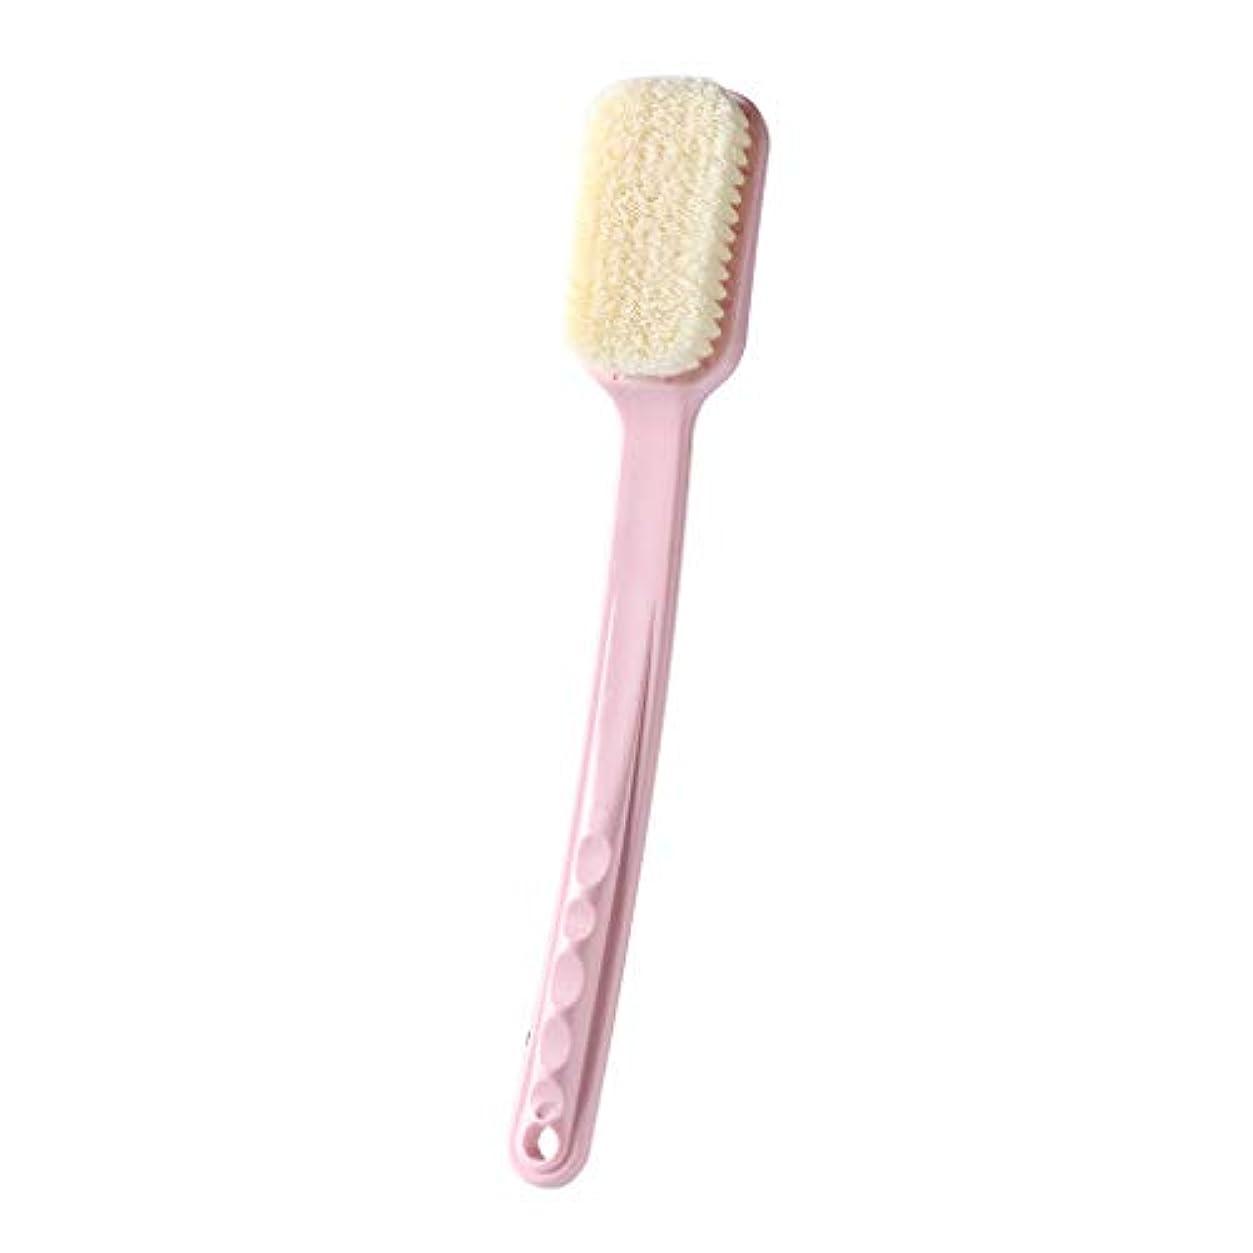 否定する悪因子今日TXC- 付ボディブラシ戻るブラシロングハンドルのお風呂シャワーブラシナチュラルたてがみスキンドライ竹木、バックブラシロング竹ハンドル滑り止め、エクスフォリエイティングブラシ 快適な (Color : Pink)